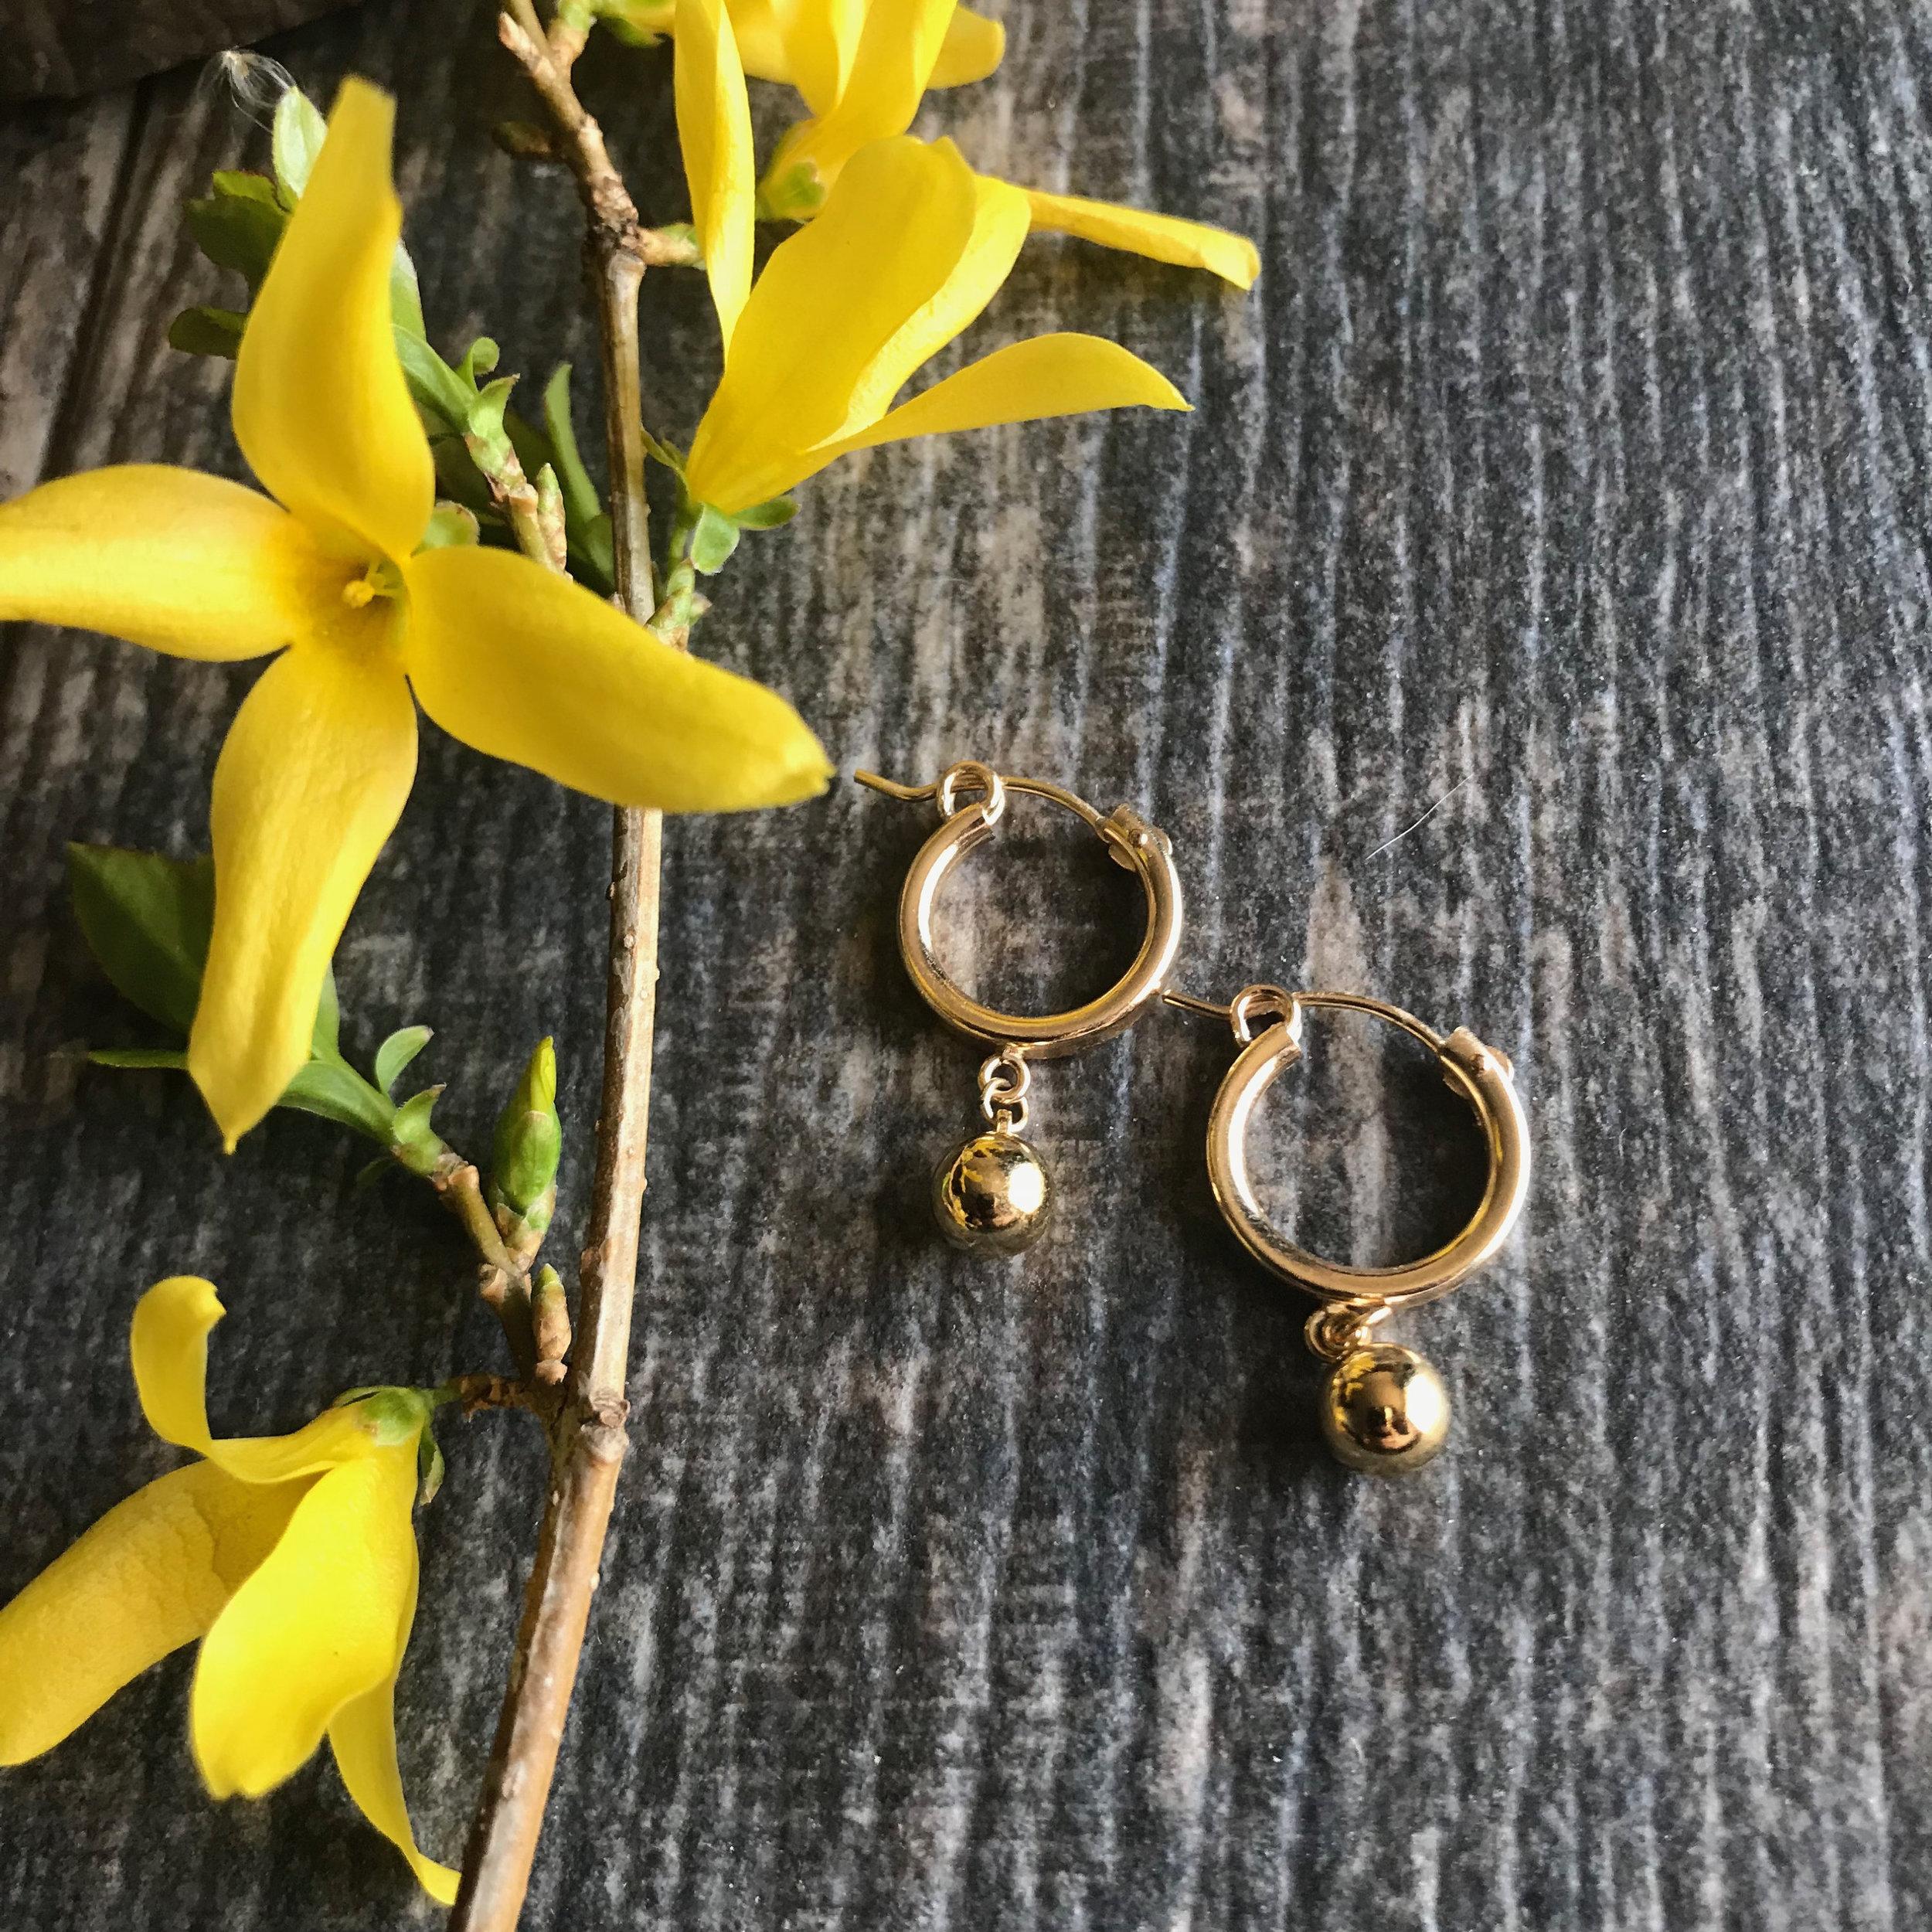 Small Gold Hoops Gold Hoops Gold Ball Hoop Earrings Huggie Hoops S